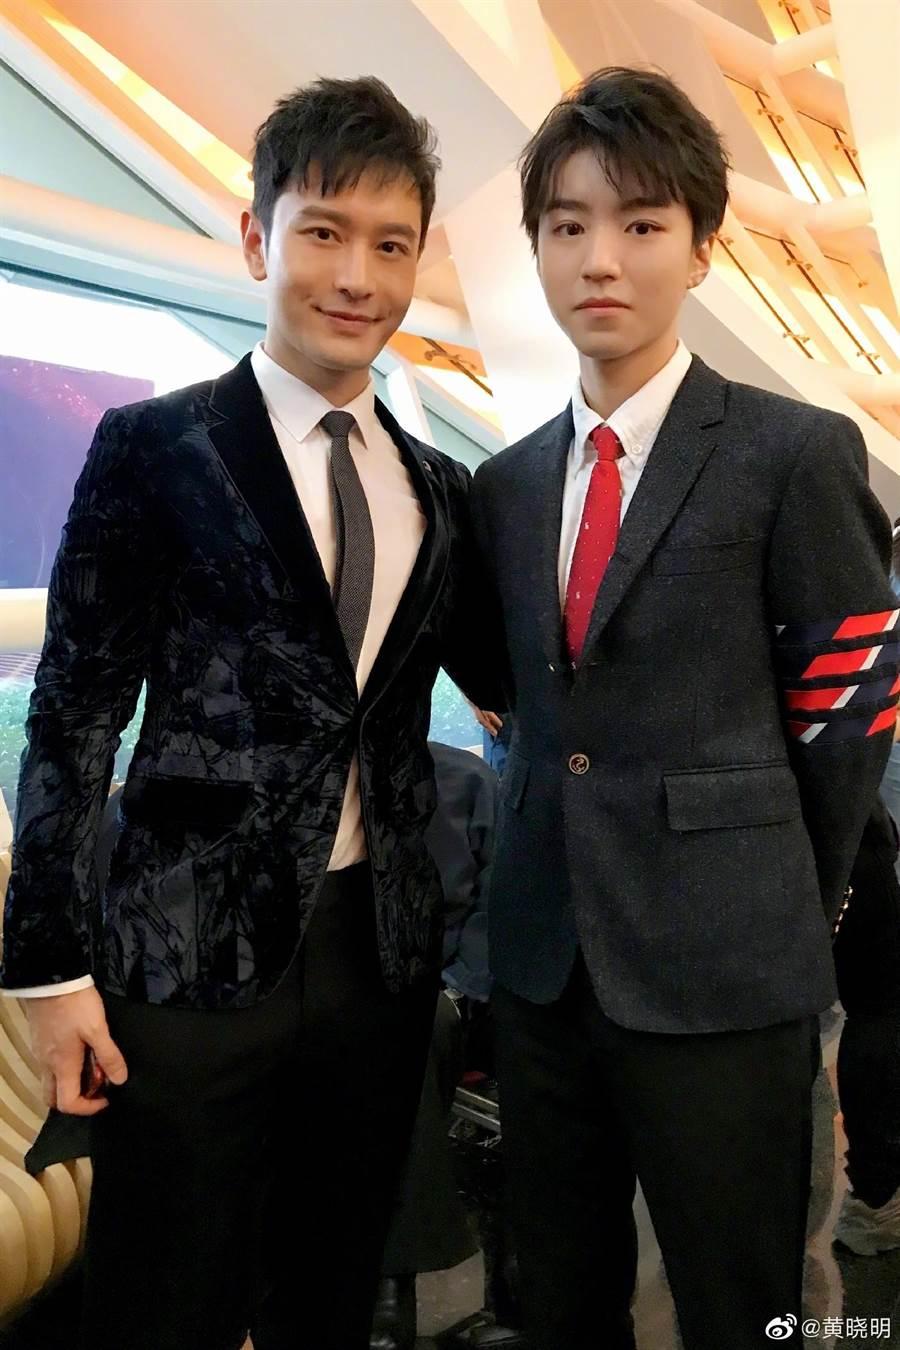 黃曉明(左)透過微博祝福王俊凱20歲生日。(取自新浪微博@黃曉明)